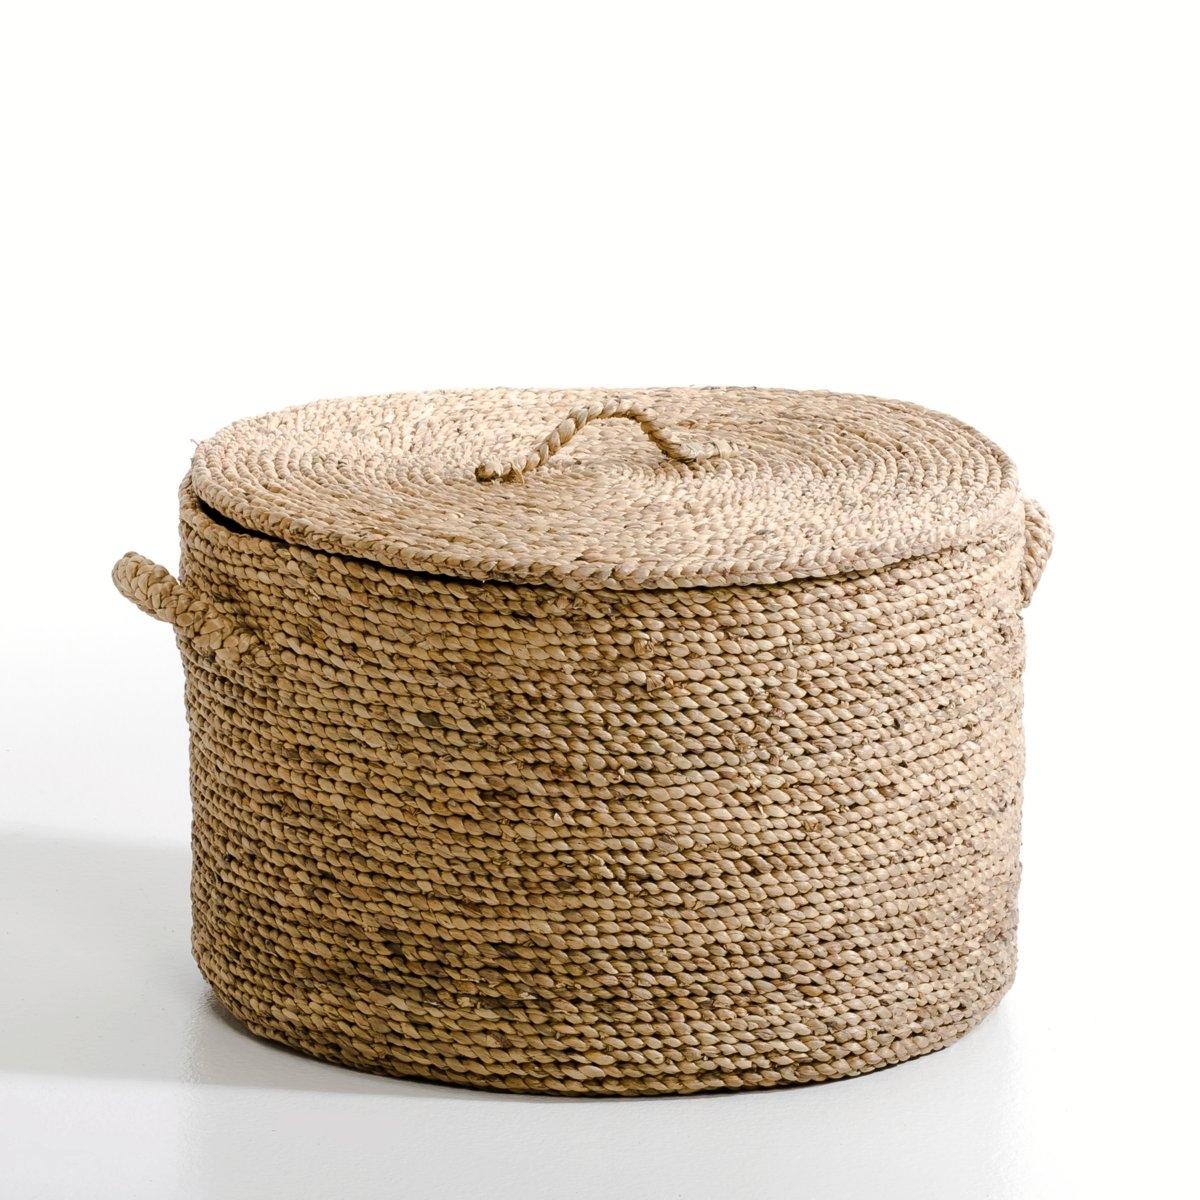 Корзина круглая из плетеных волокон эйхорнии. В36,5 см, LianeХарактеристики: : - Из плетеных волокон эйхорнии.- Ручная работа.Размеры  : - ?55 x В.36,5 см.<br><br>Цвет: серо-бежевый